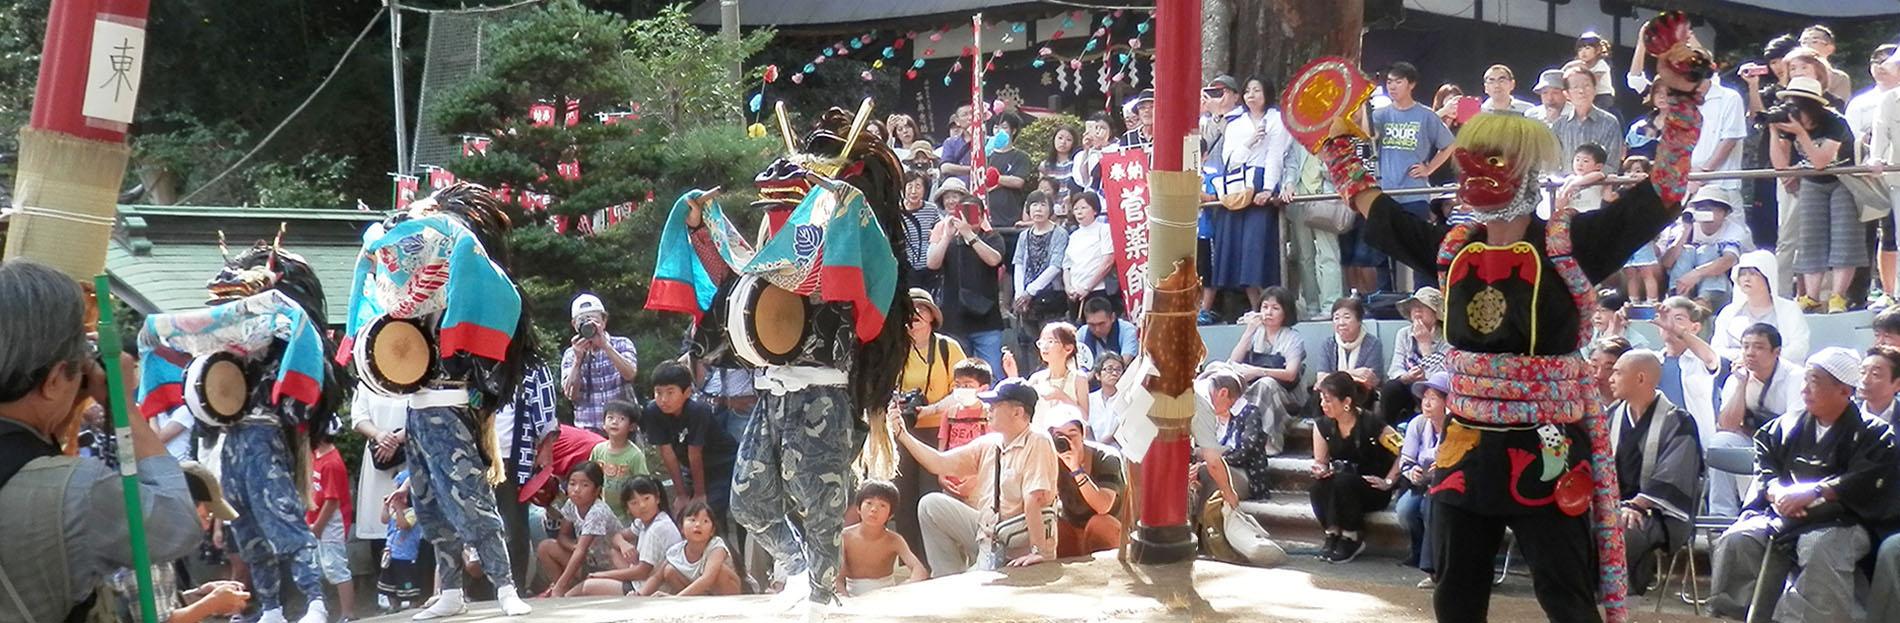 菅の無形文化財 獅子舞